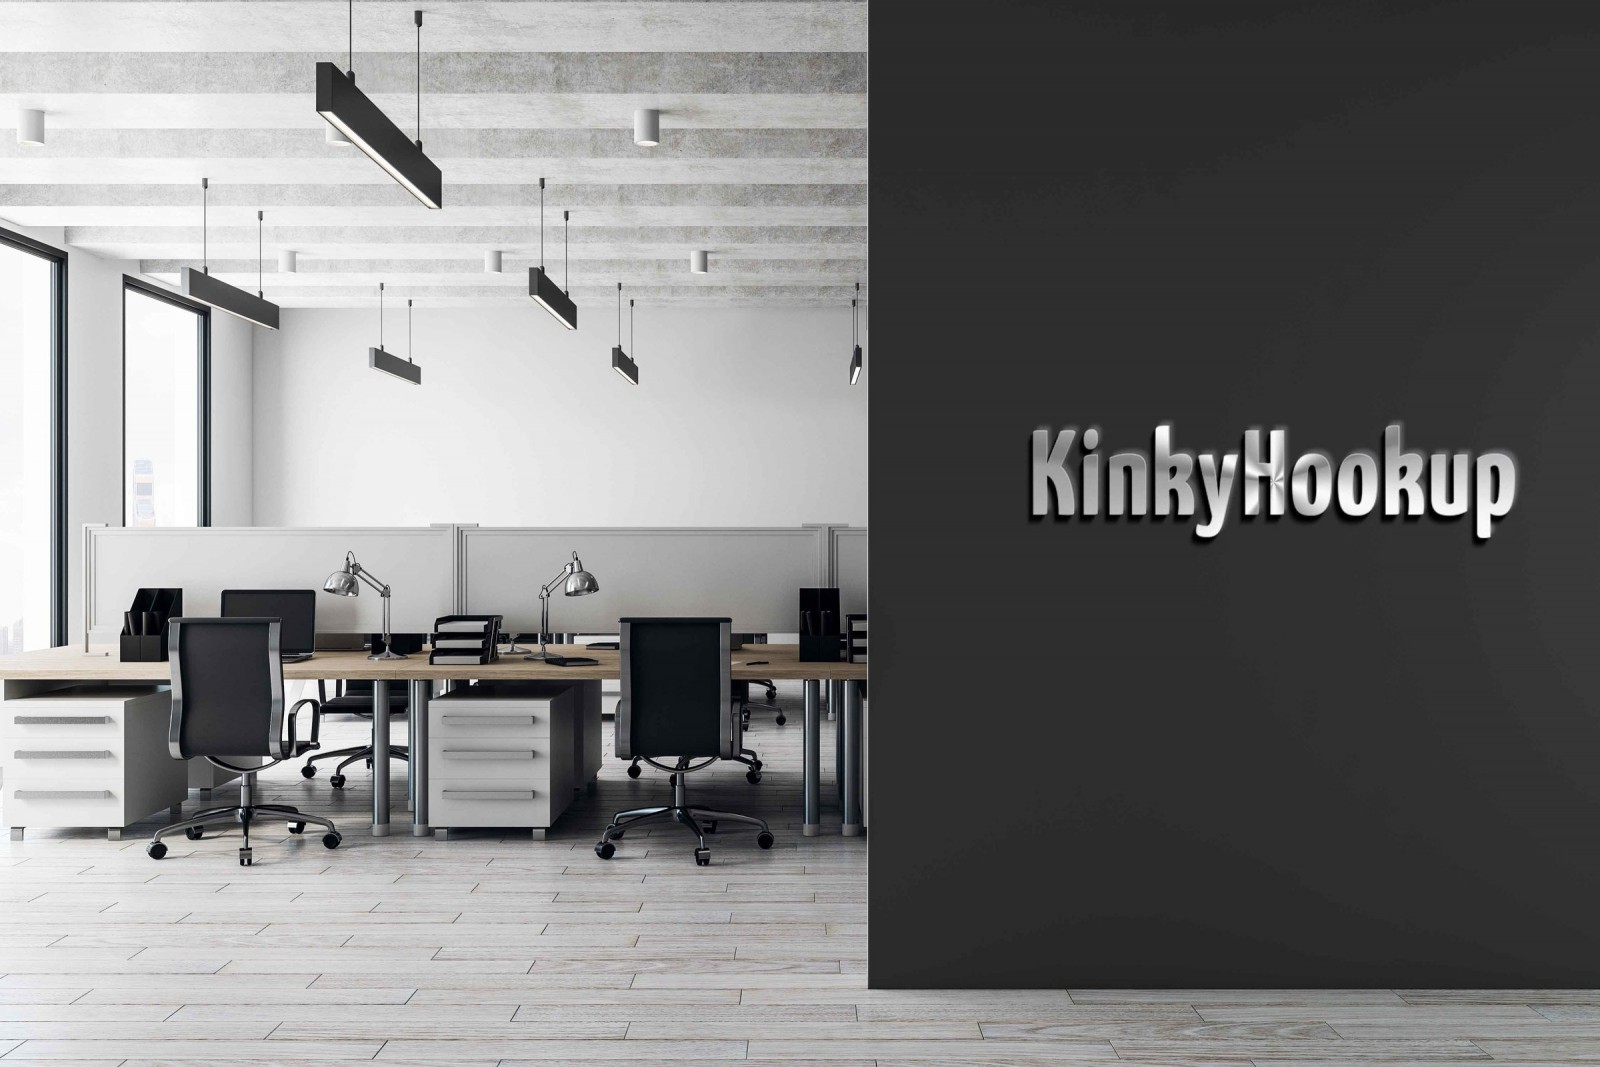 Kinkyhookup office